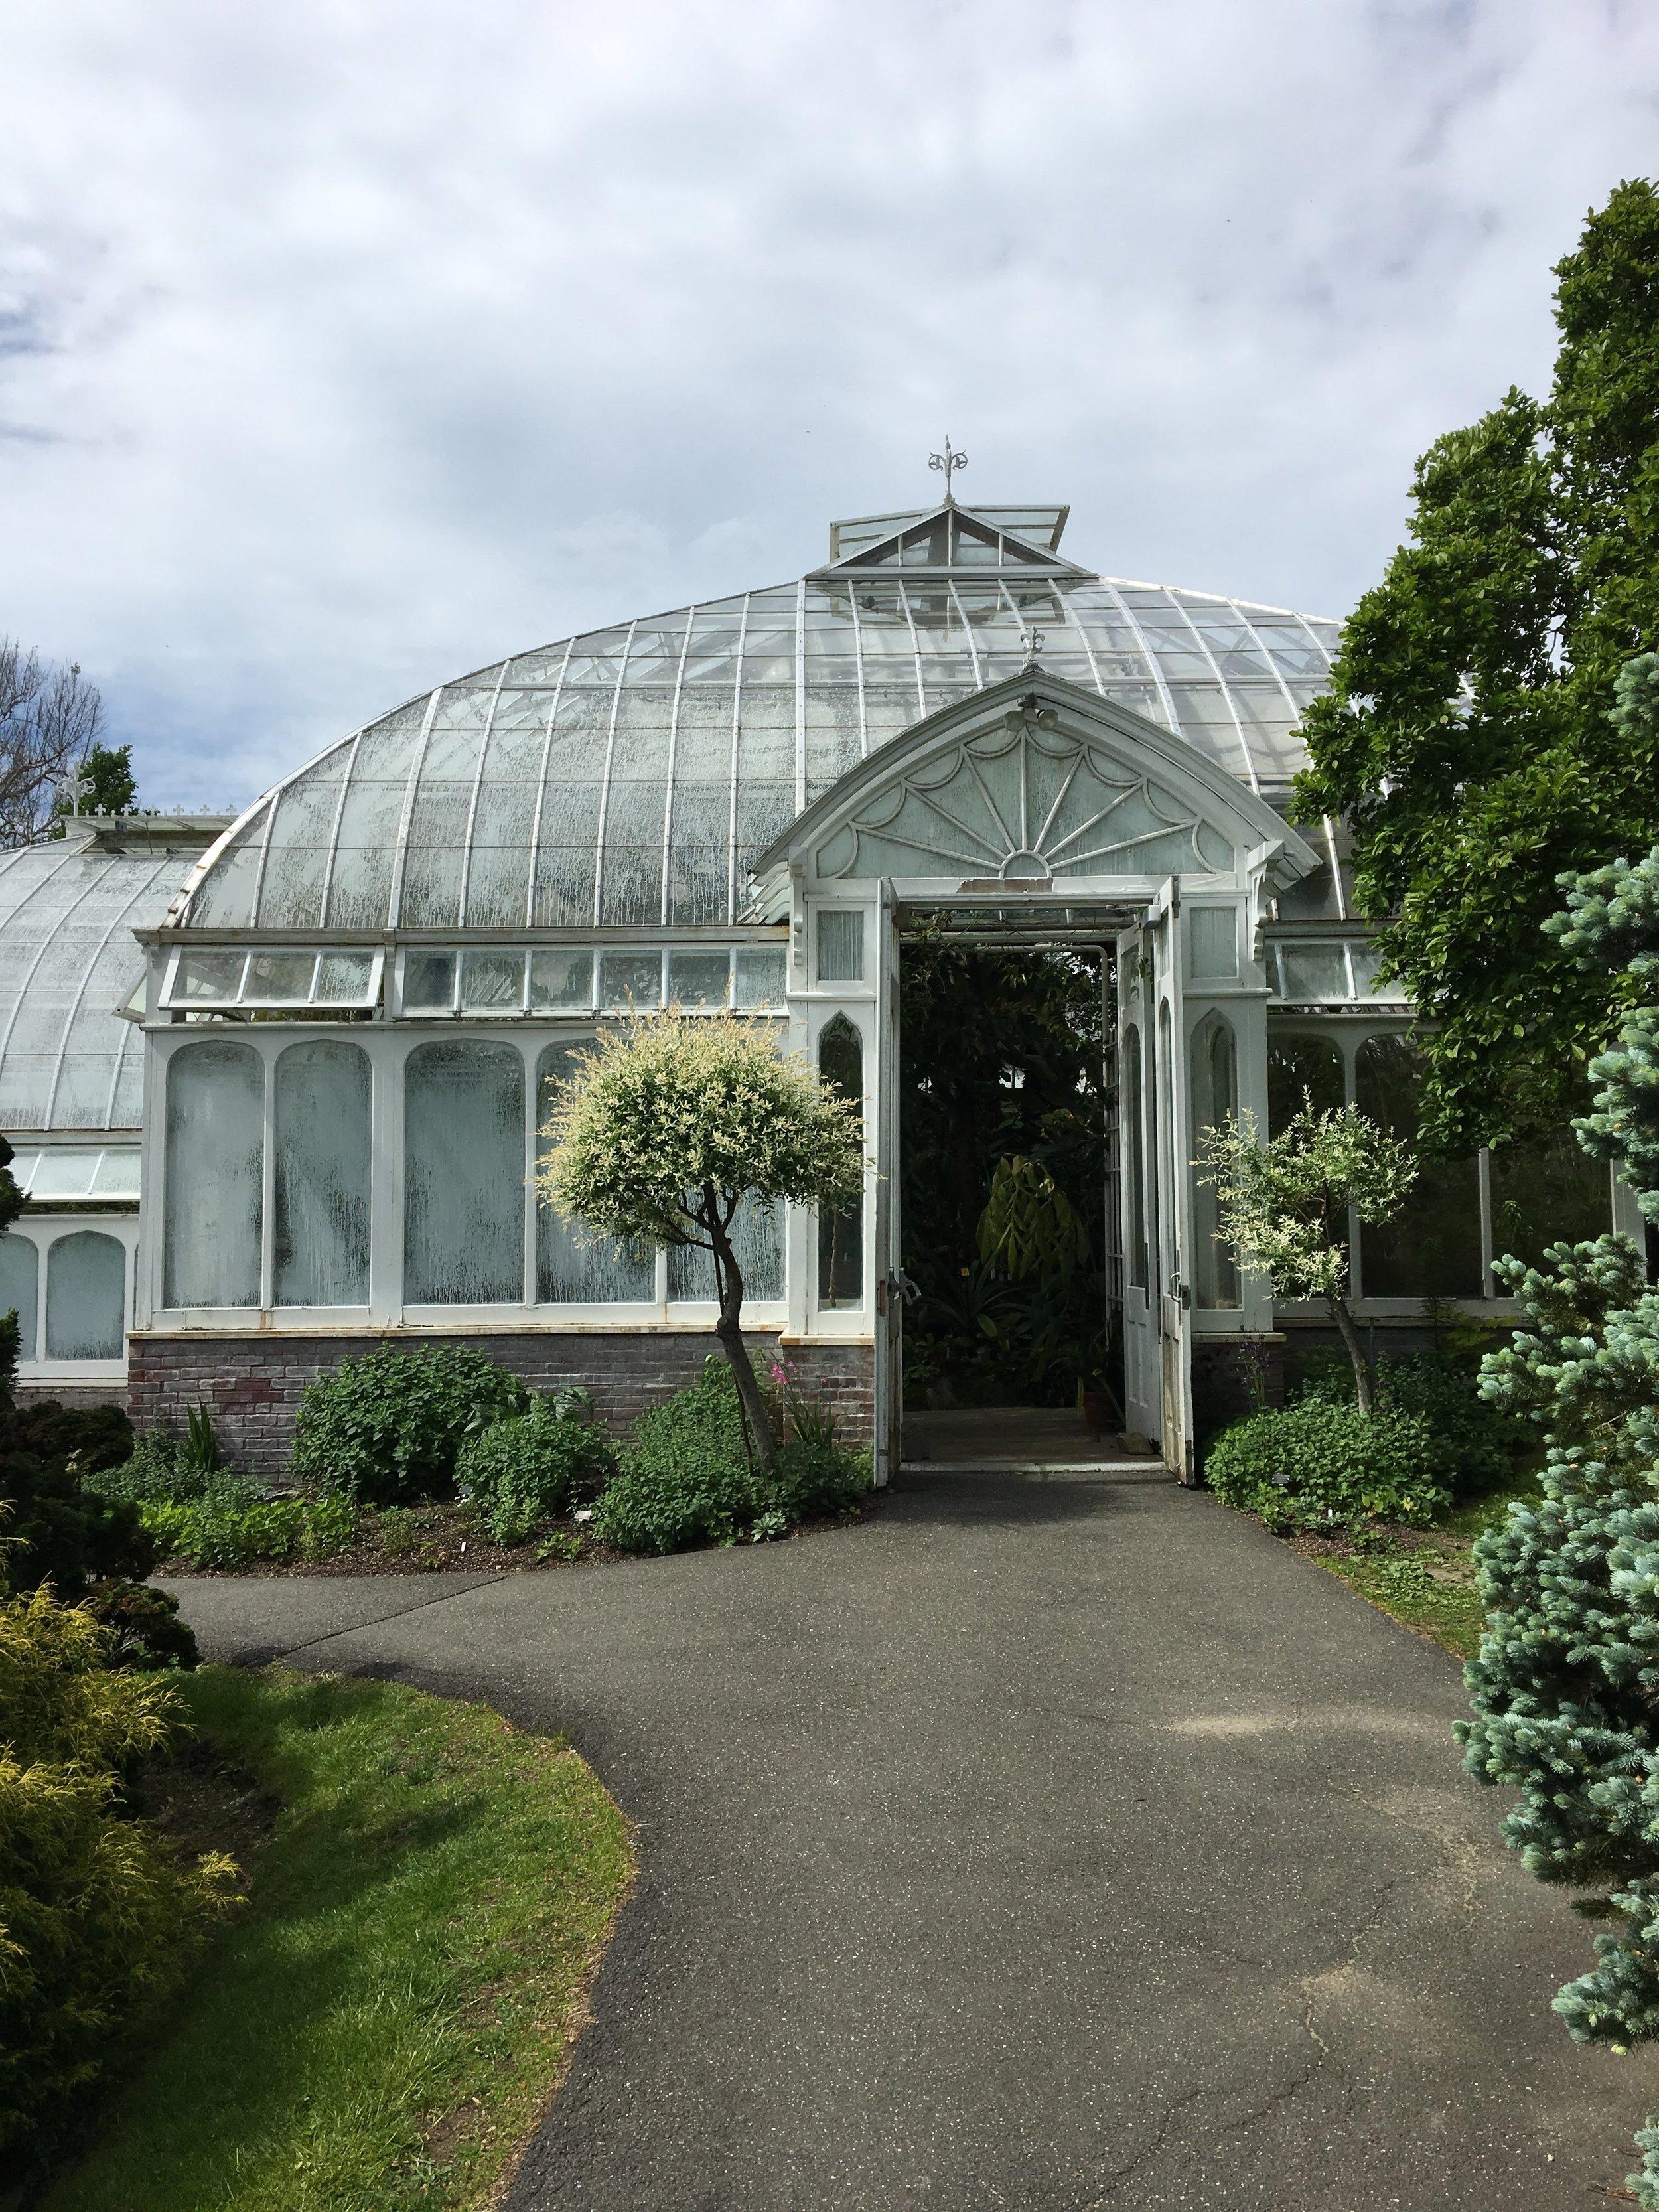 smith-college-botanic-garden-featured-image.JPG